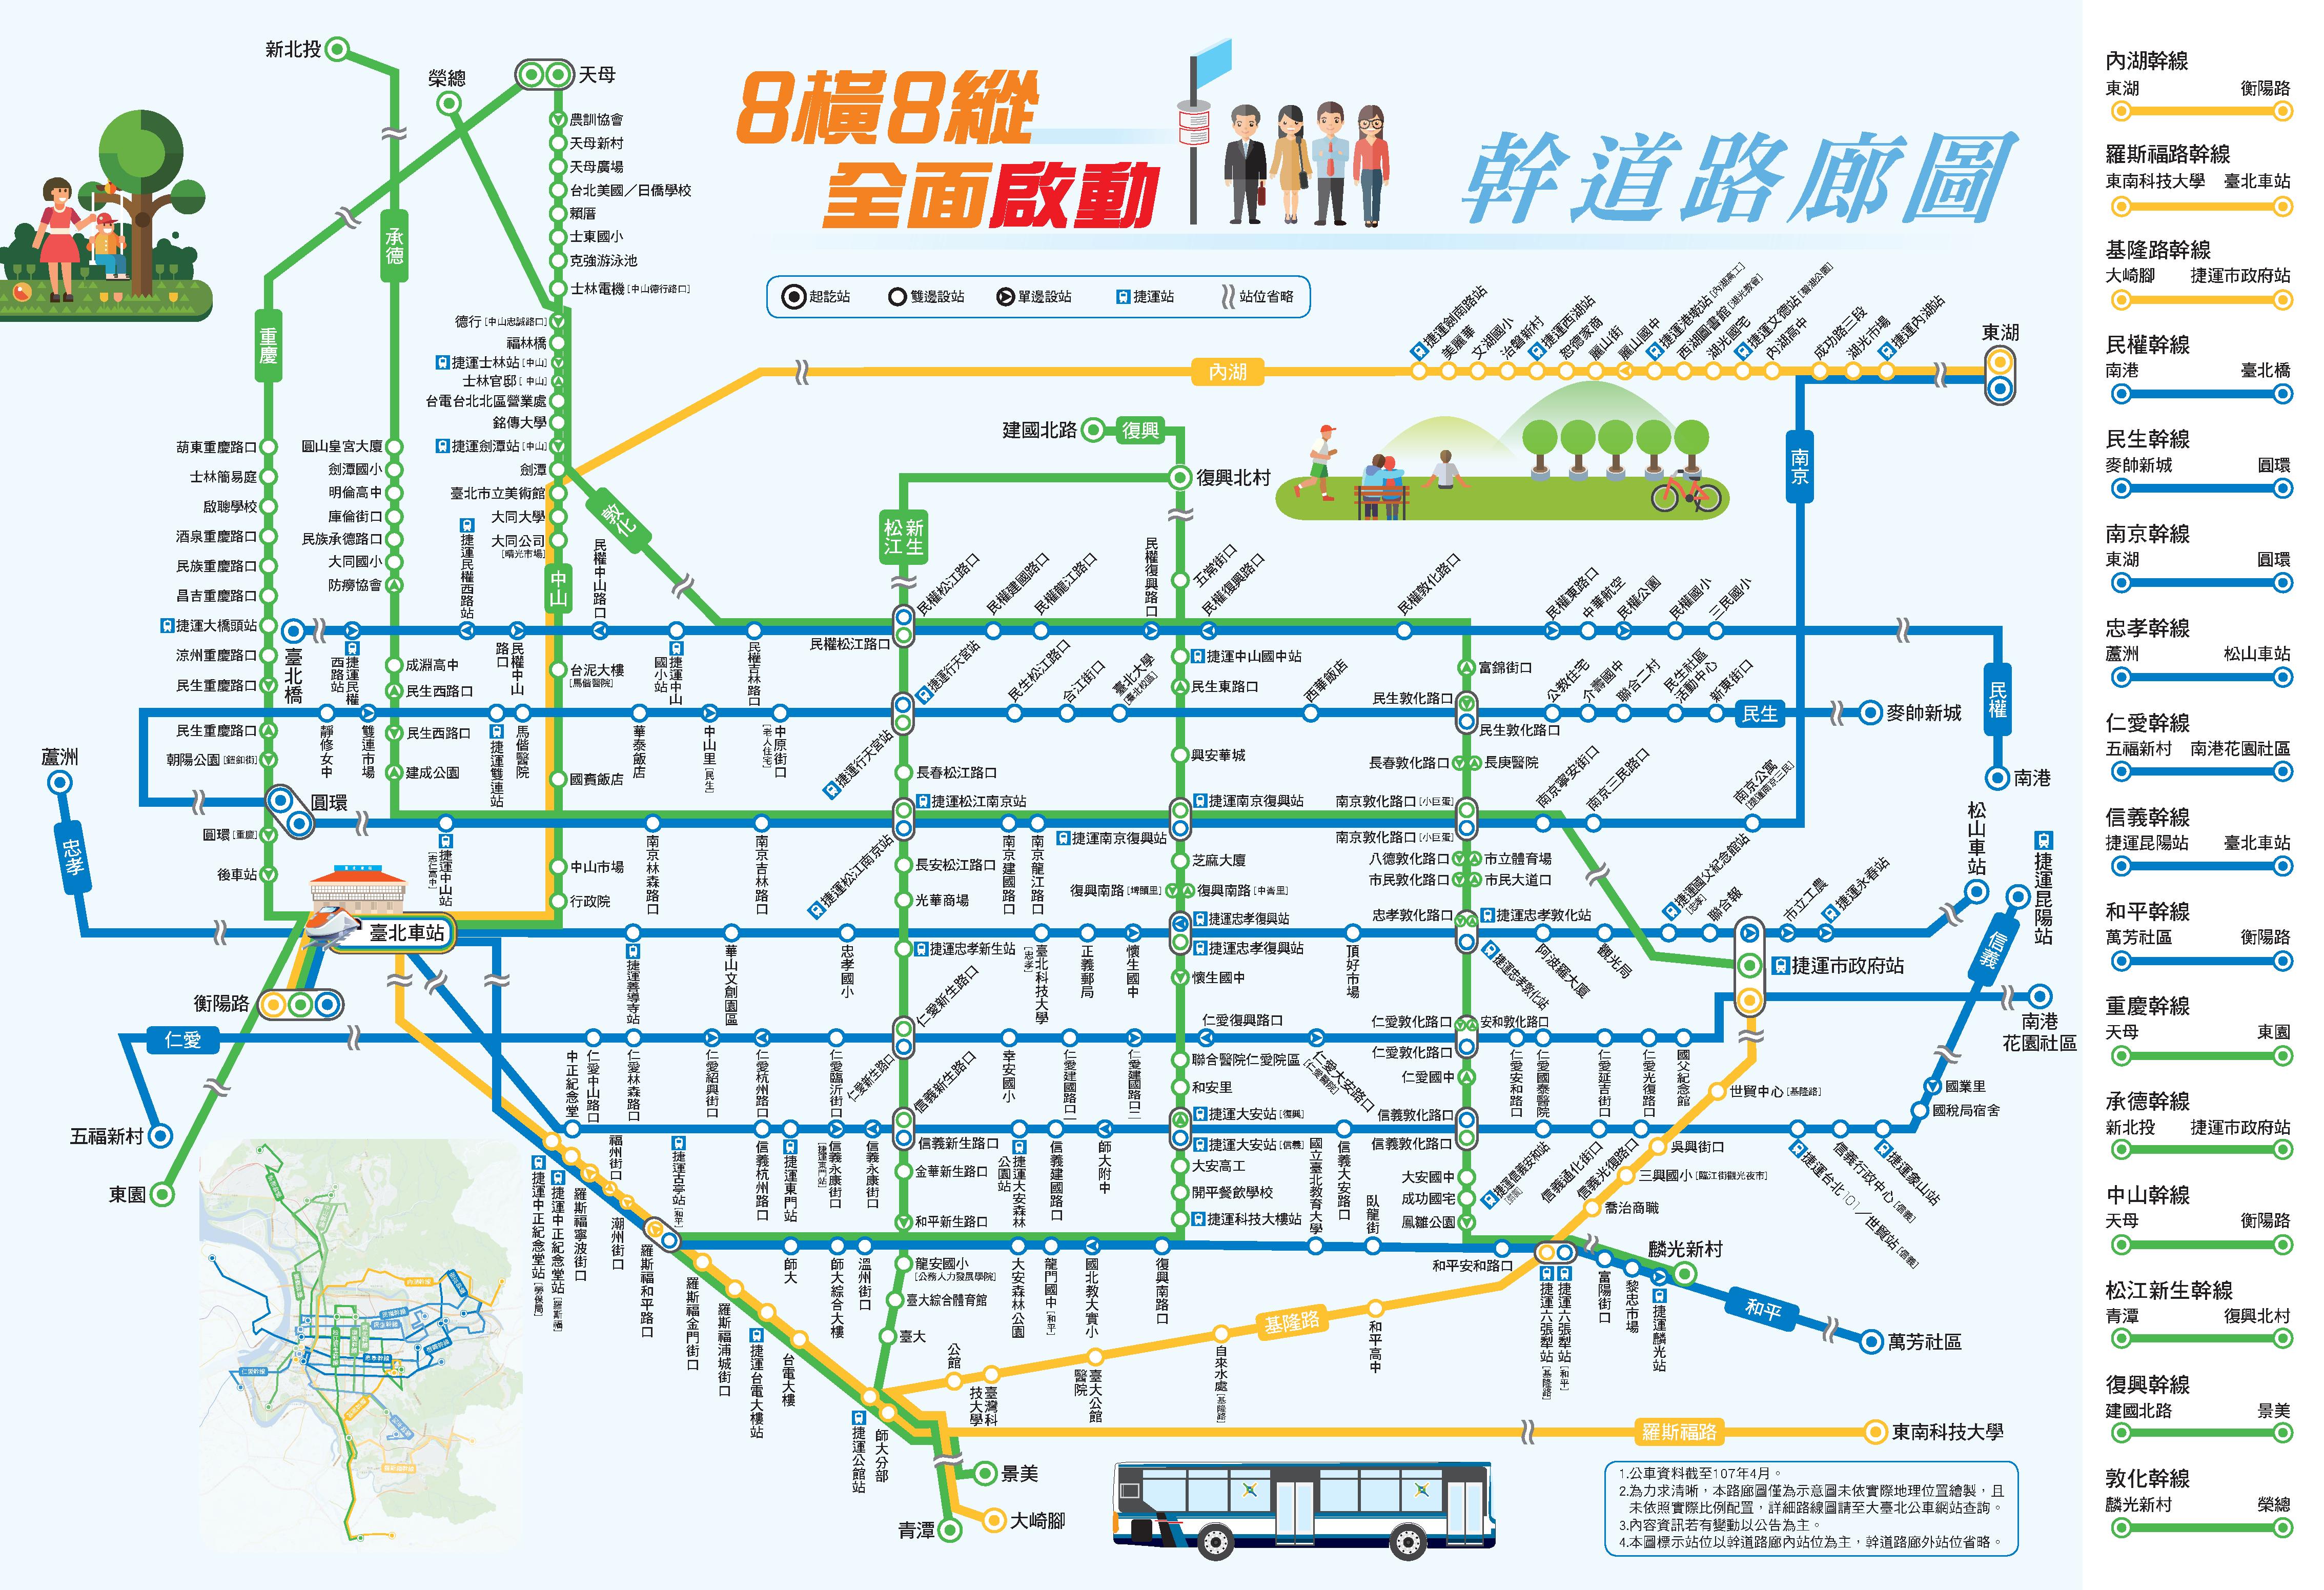 8橫8縱幹線公車路網,全面啟動一覽圖